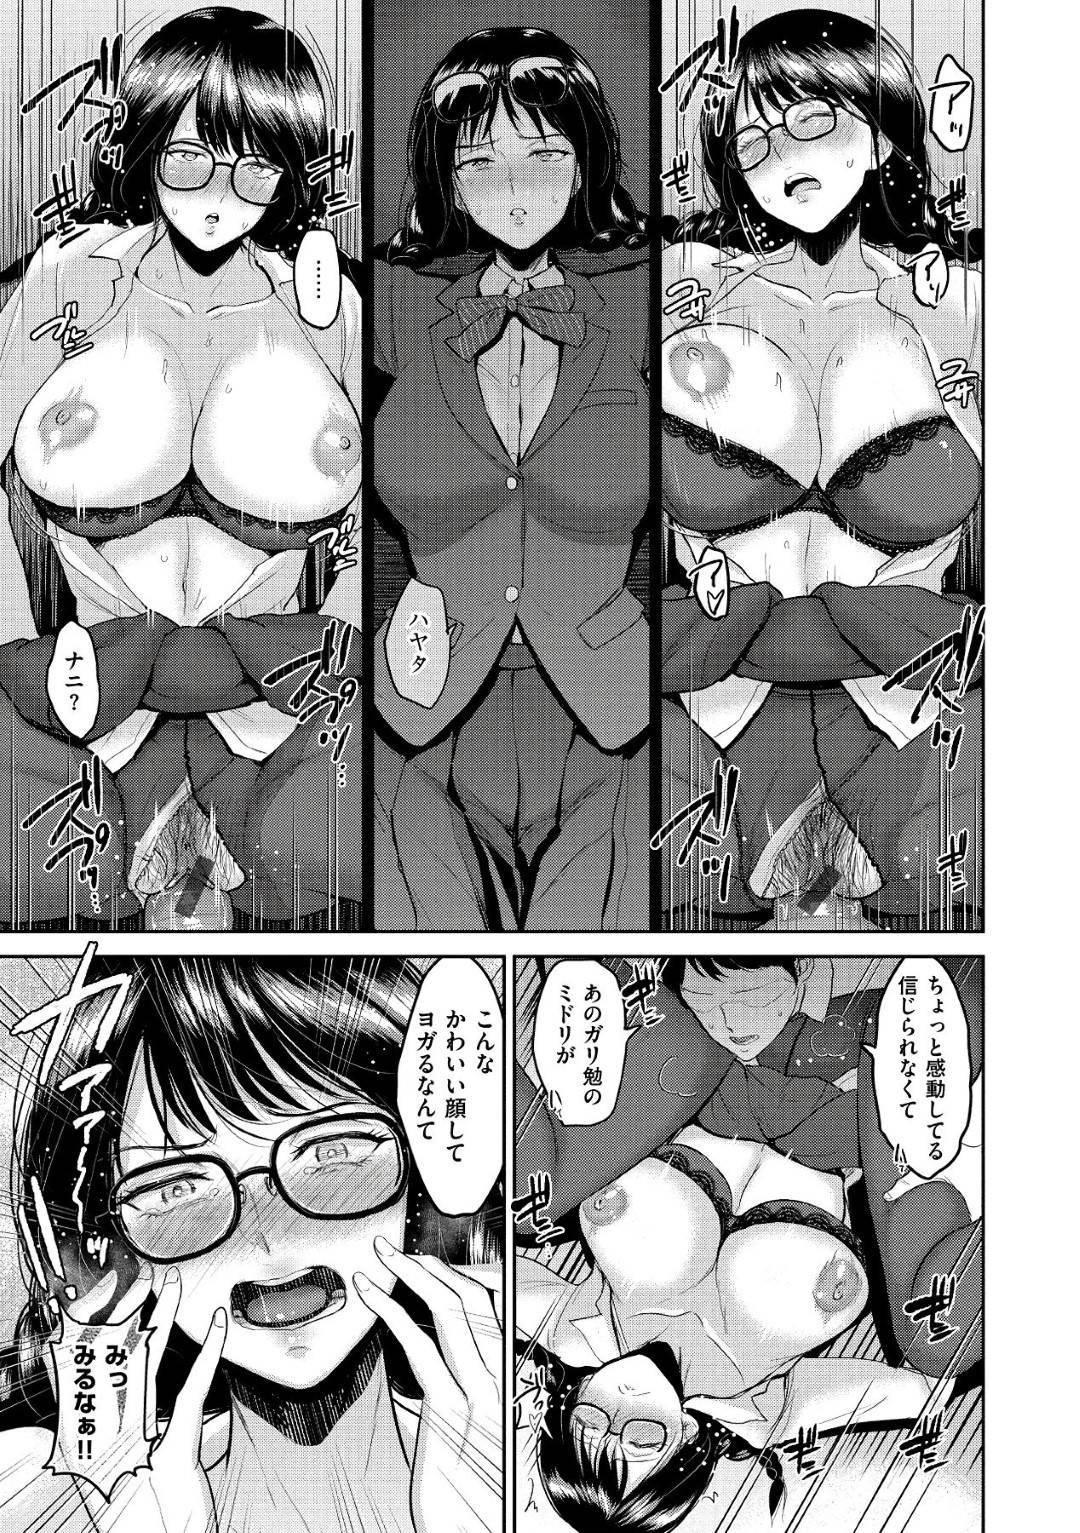 【エロ漫画】高校時代の同級生と再会して図書館で気持ちを告白するメガネ美女…黒タイツの上からマンコを触って破り生挿入中出し!一回なんかで収まらずトイレに移動してお互い全裸でいちゃラブセックス!【ビフィダス】